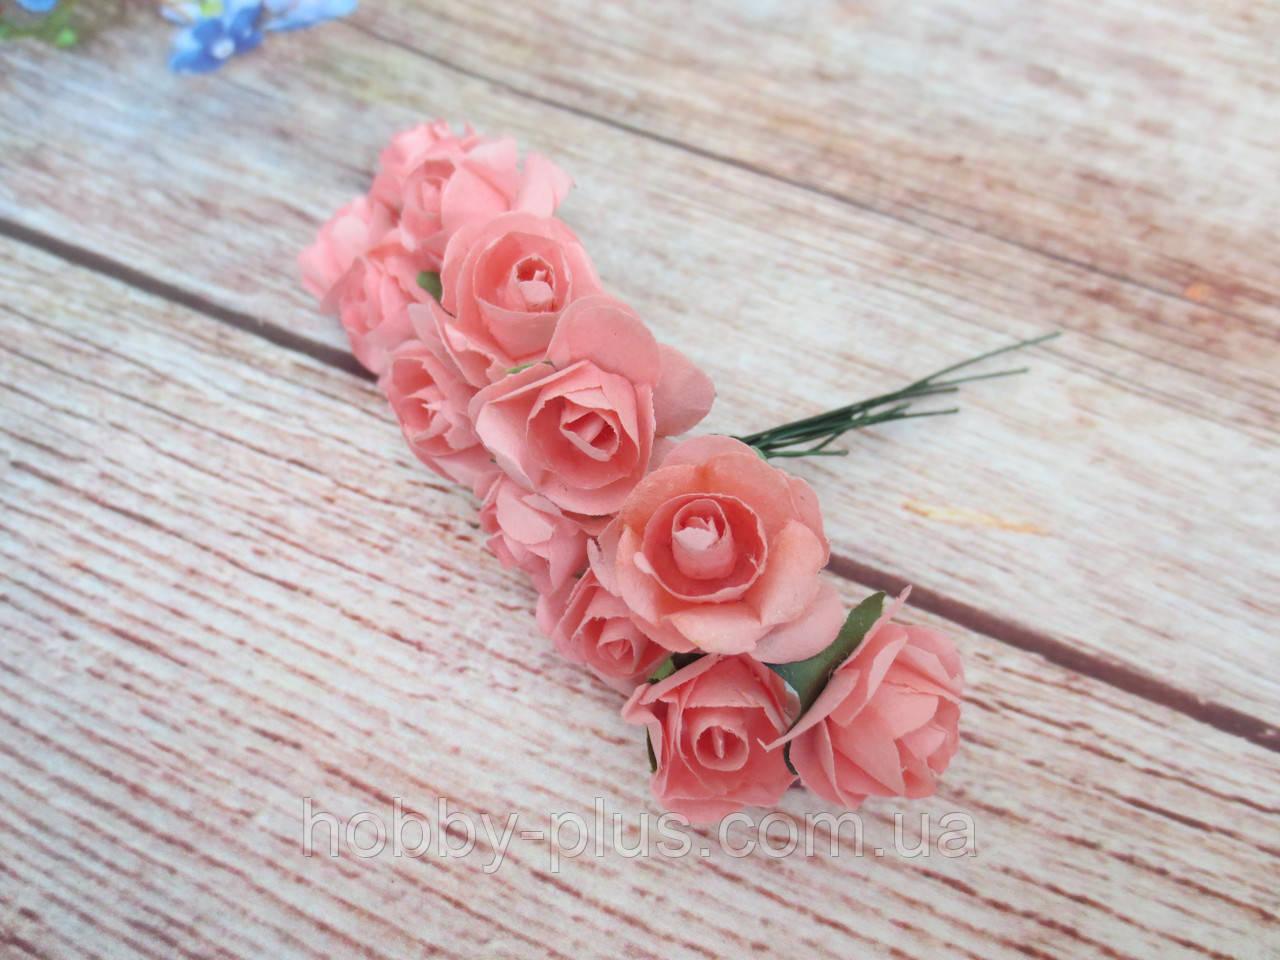 Роза бумажная, d 1,5 см, цвет КОРАЛЛОВЫЙ, 12 шт/упаковка